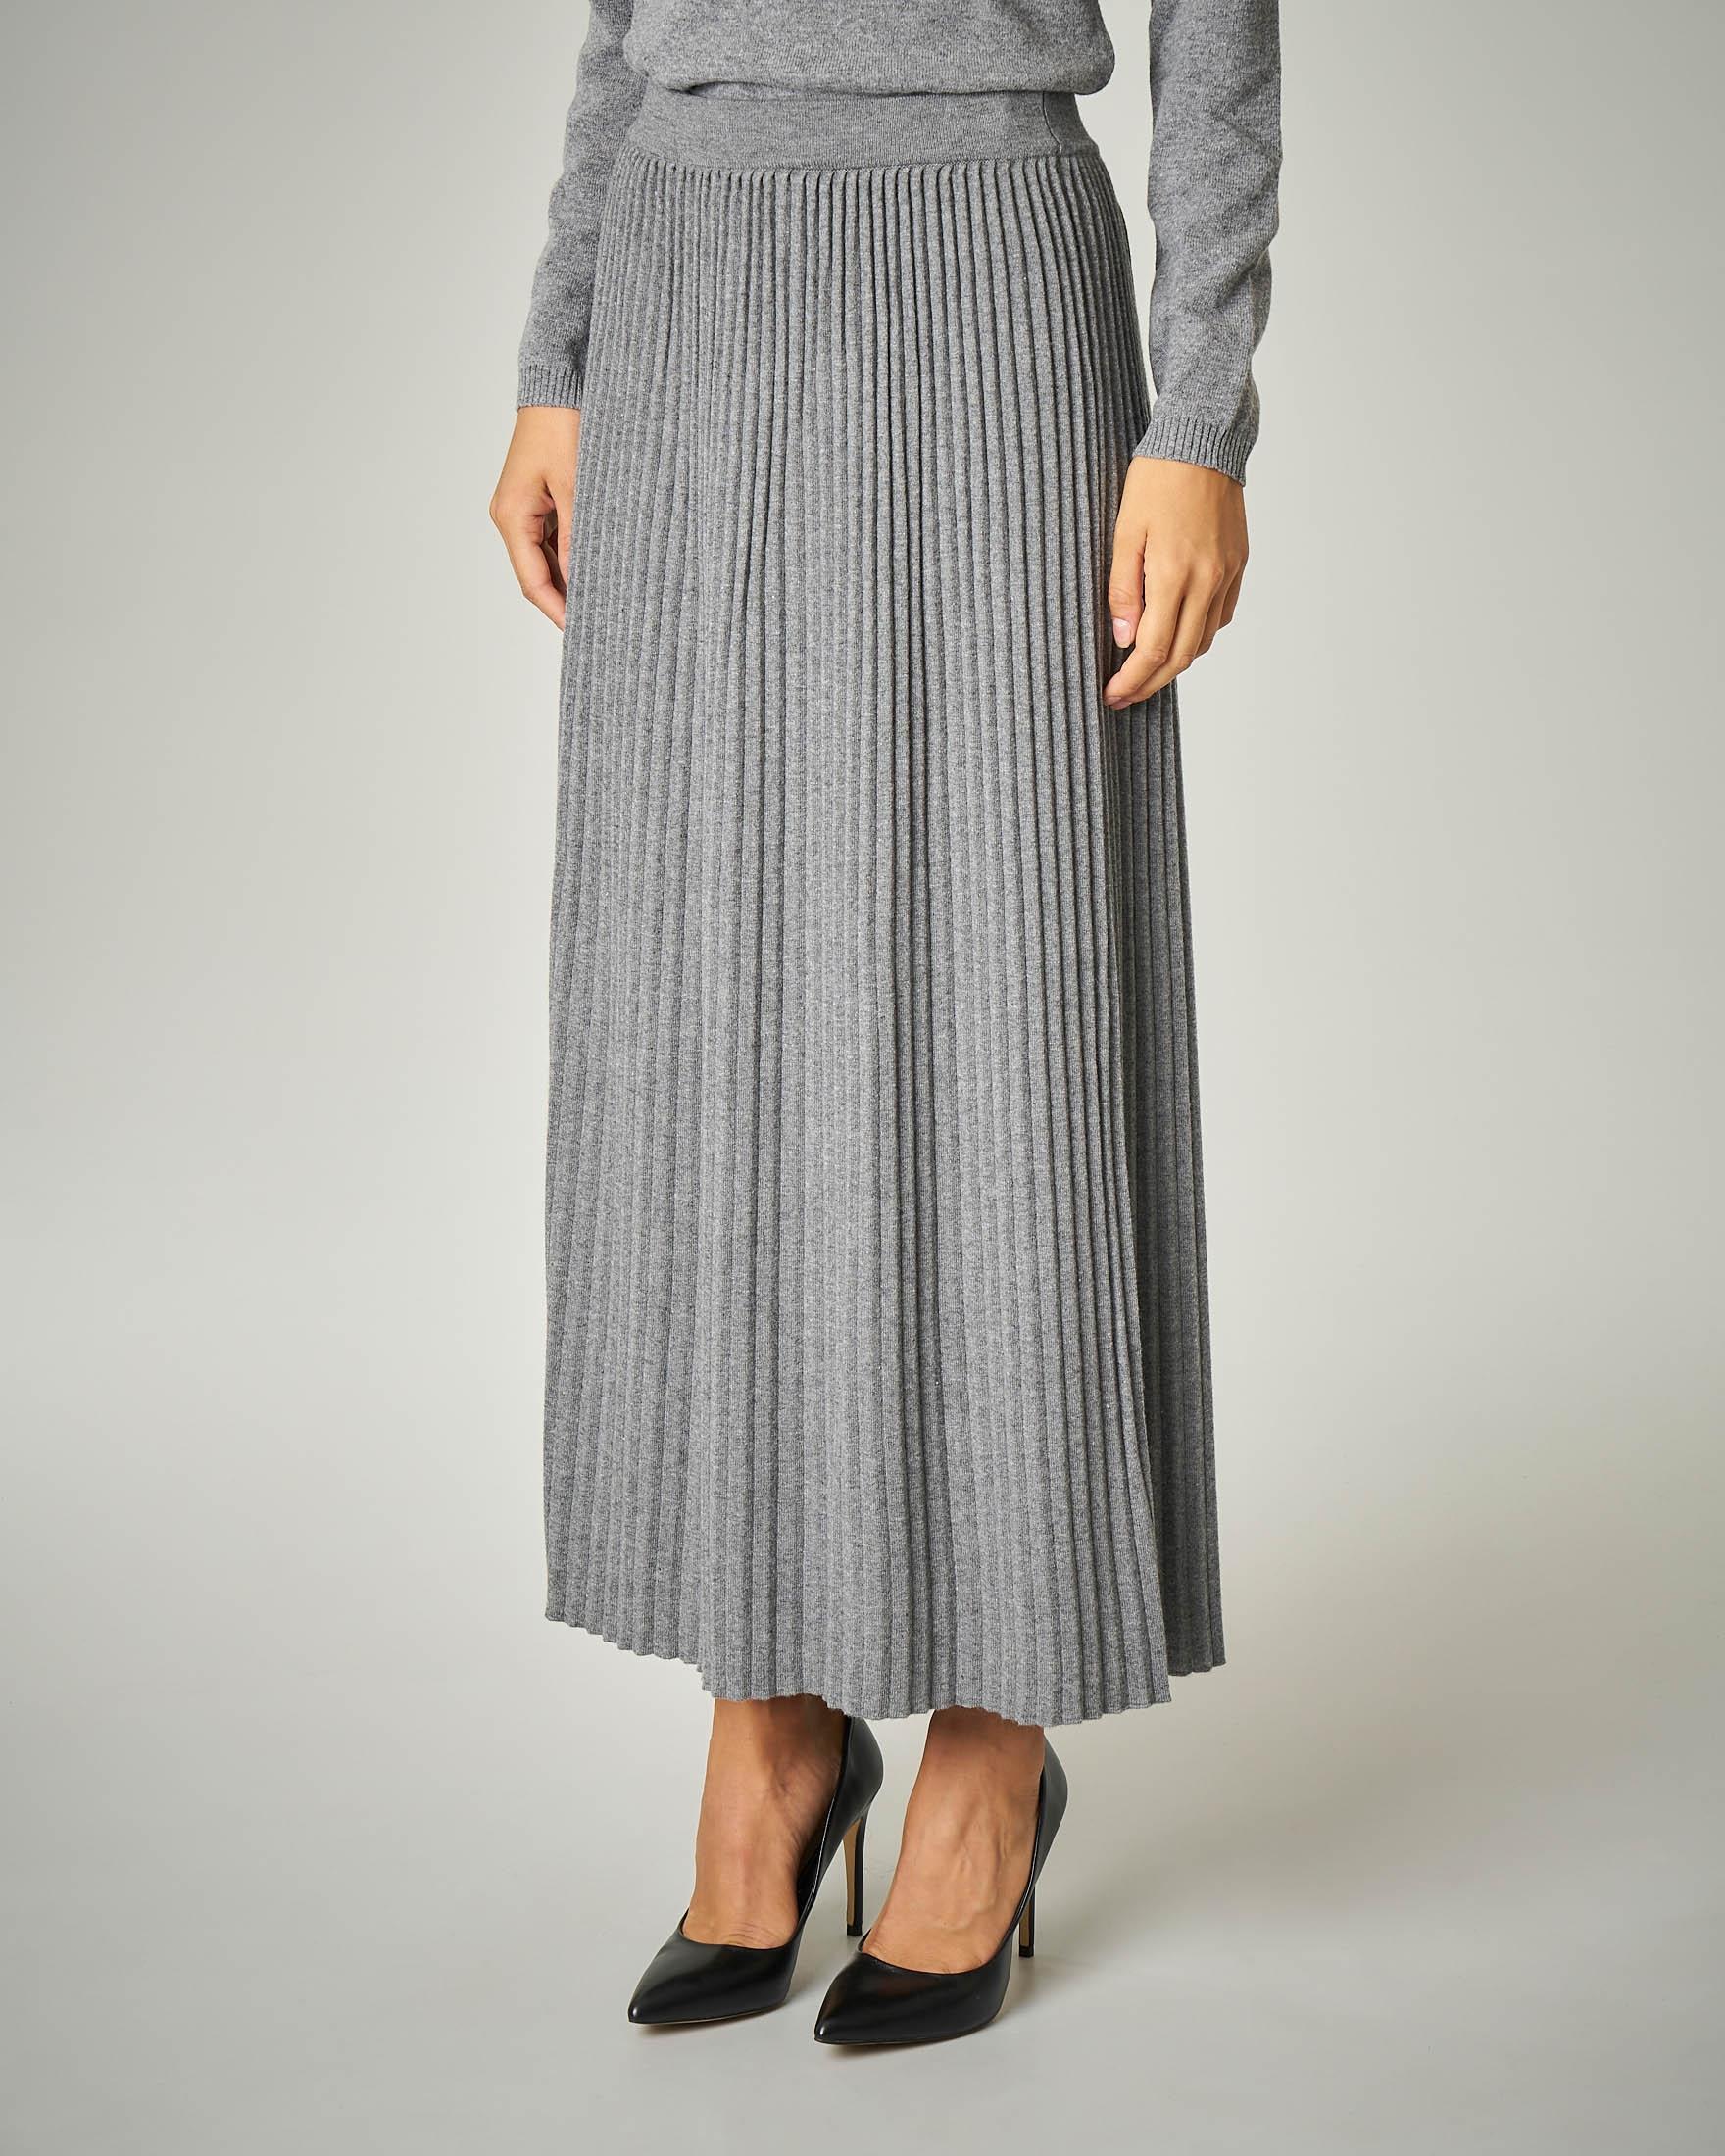 Gonna in tricot plissè colore grigio